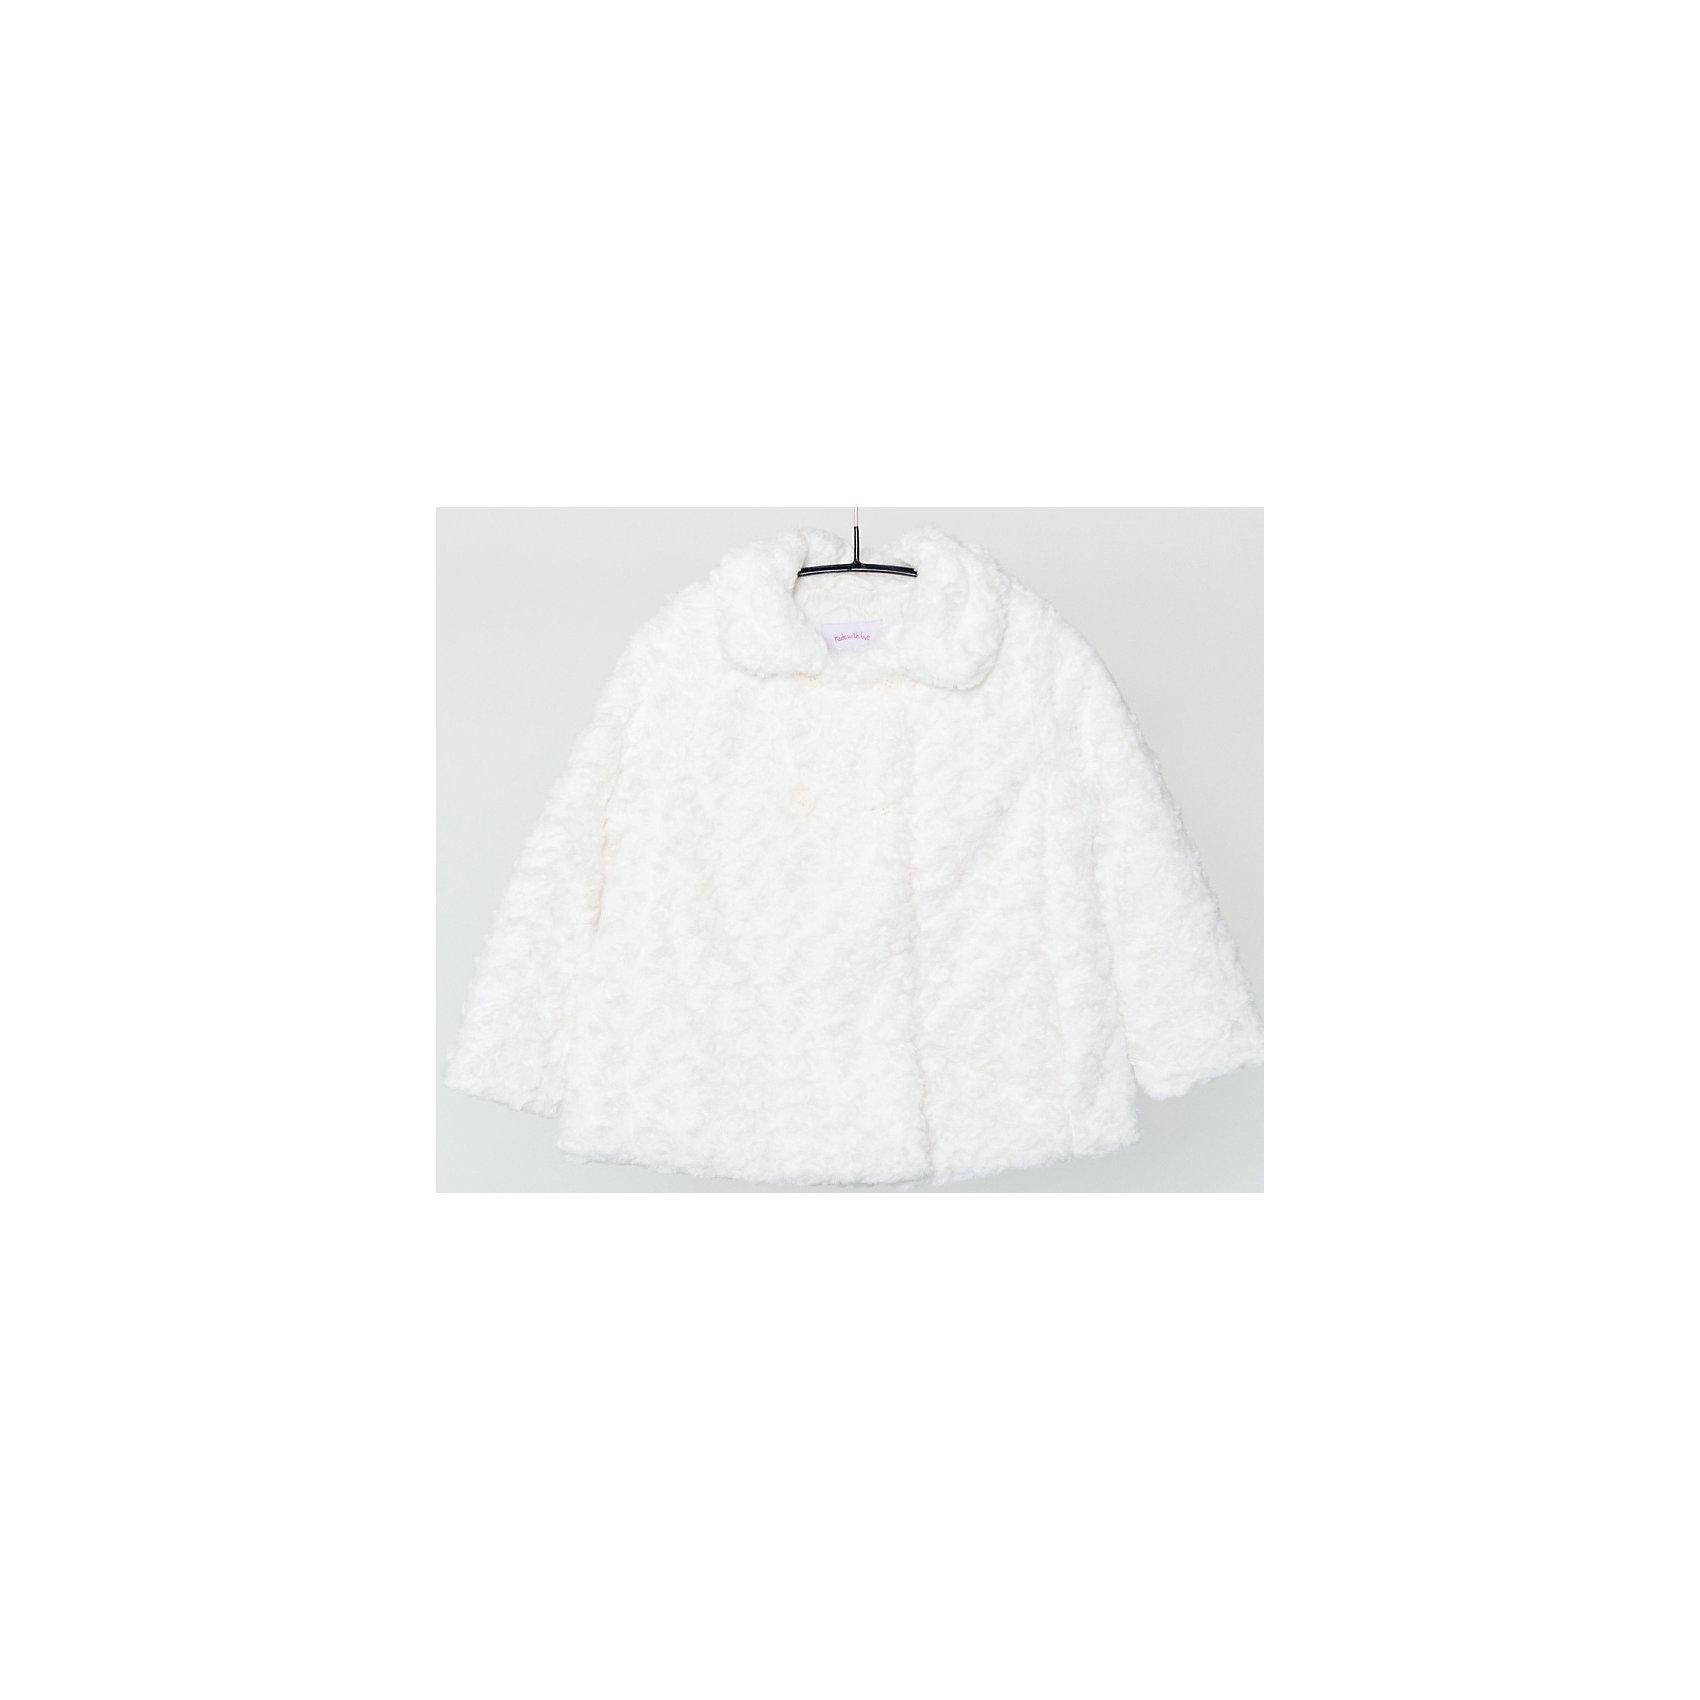 Пальто для девочки SELAВерхняя одежда<br>Стильное пальто - незаменимая вещь в прохладное время года. Эта модель отлично сидит на ребенке, она сшита из плотного материала, позволяет гулять и проводить время на свежем воздухе. Подкладка и утеплитель обеспечивают ребенку комфорт. Модель слегка укорочена.<br>Одежда от бренда Sela (Села) - это качество по приемлемым ценам. Многие российские родители уже оценили преимущества продукции этой компании и всё чаще приобретают одежду и аксессуары Sela.<br><br>Дополнительная информация:<br><br>укороченная модель;<br>материал: 100% ПЭ; подкладка:100% ПЭ; утеплитель:100% ПЭ; отделка:100% slub хлопок;<br>силуэт трапециевидный.<br><br>Пальто для девочки от бренда Sela можно купить в нашем интернет-магазине.<br><br>Ширина мм: 356<br>Глубина мм: 10<br>Высота мм: 245<br>Вес г: 519<br>Цвет: желтый<br>Возраст от месяцев: 60<br>Возраст до месяцев: 72<br>Пол: Женский<br>Возраст: Детский<br>Размер: 116,98,104,110<br>SKU: 4919369